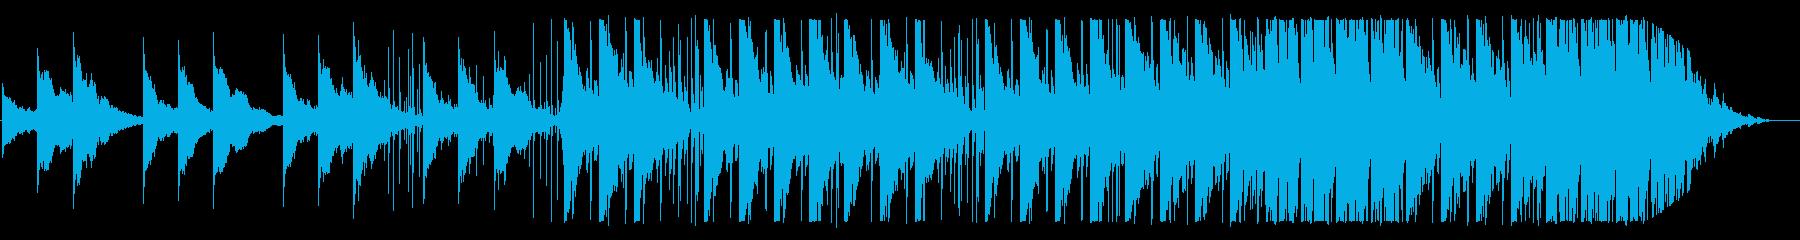 神秘的なピアノのテクノ/アンビエント曲の再生済みの波形